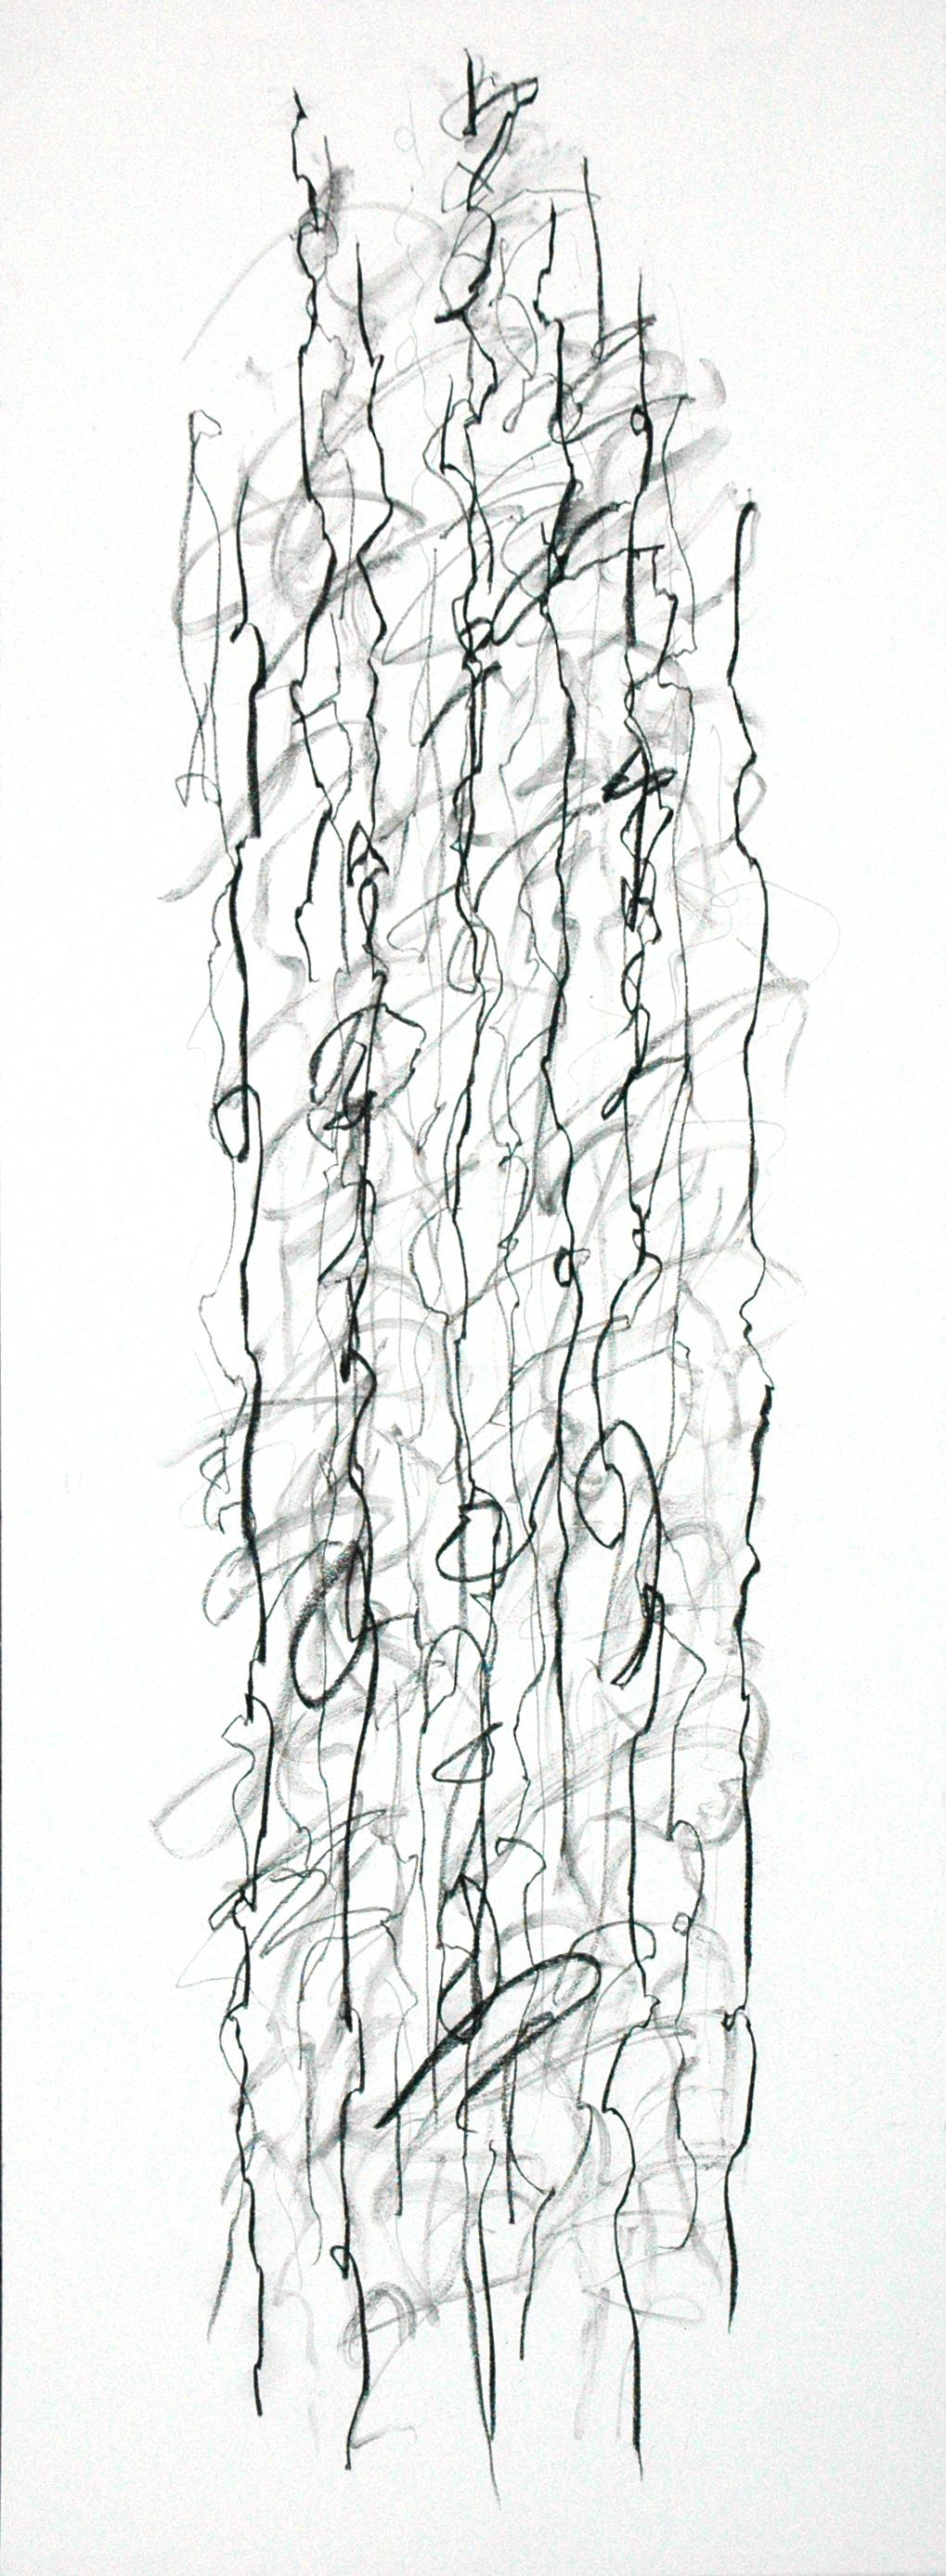 Contemporary Brush Paintings